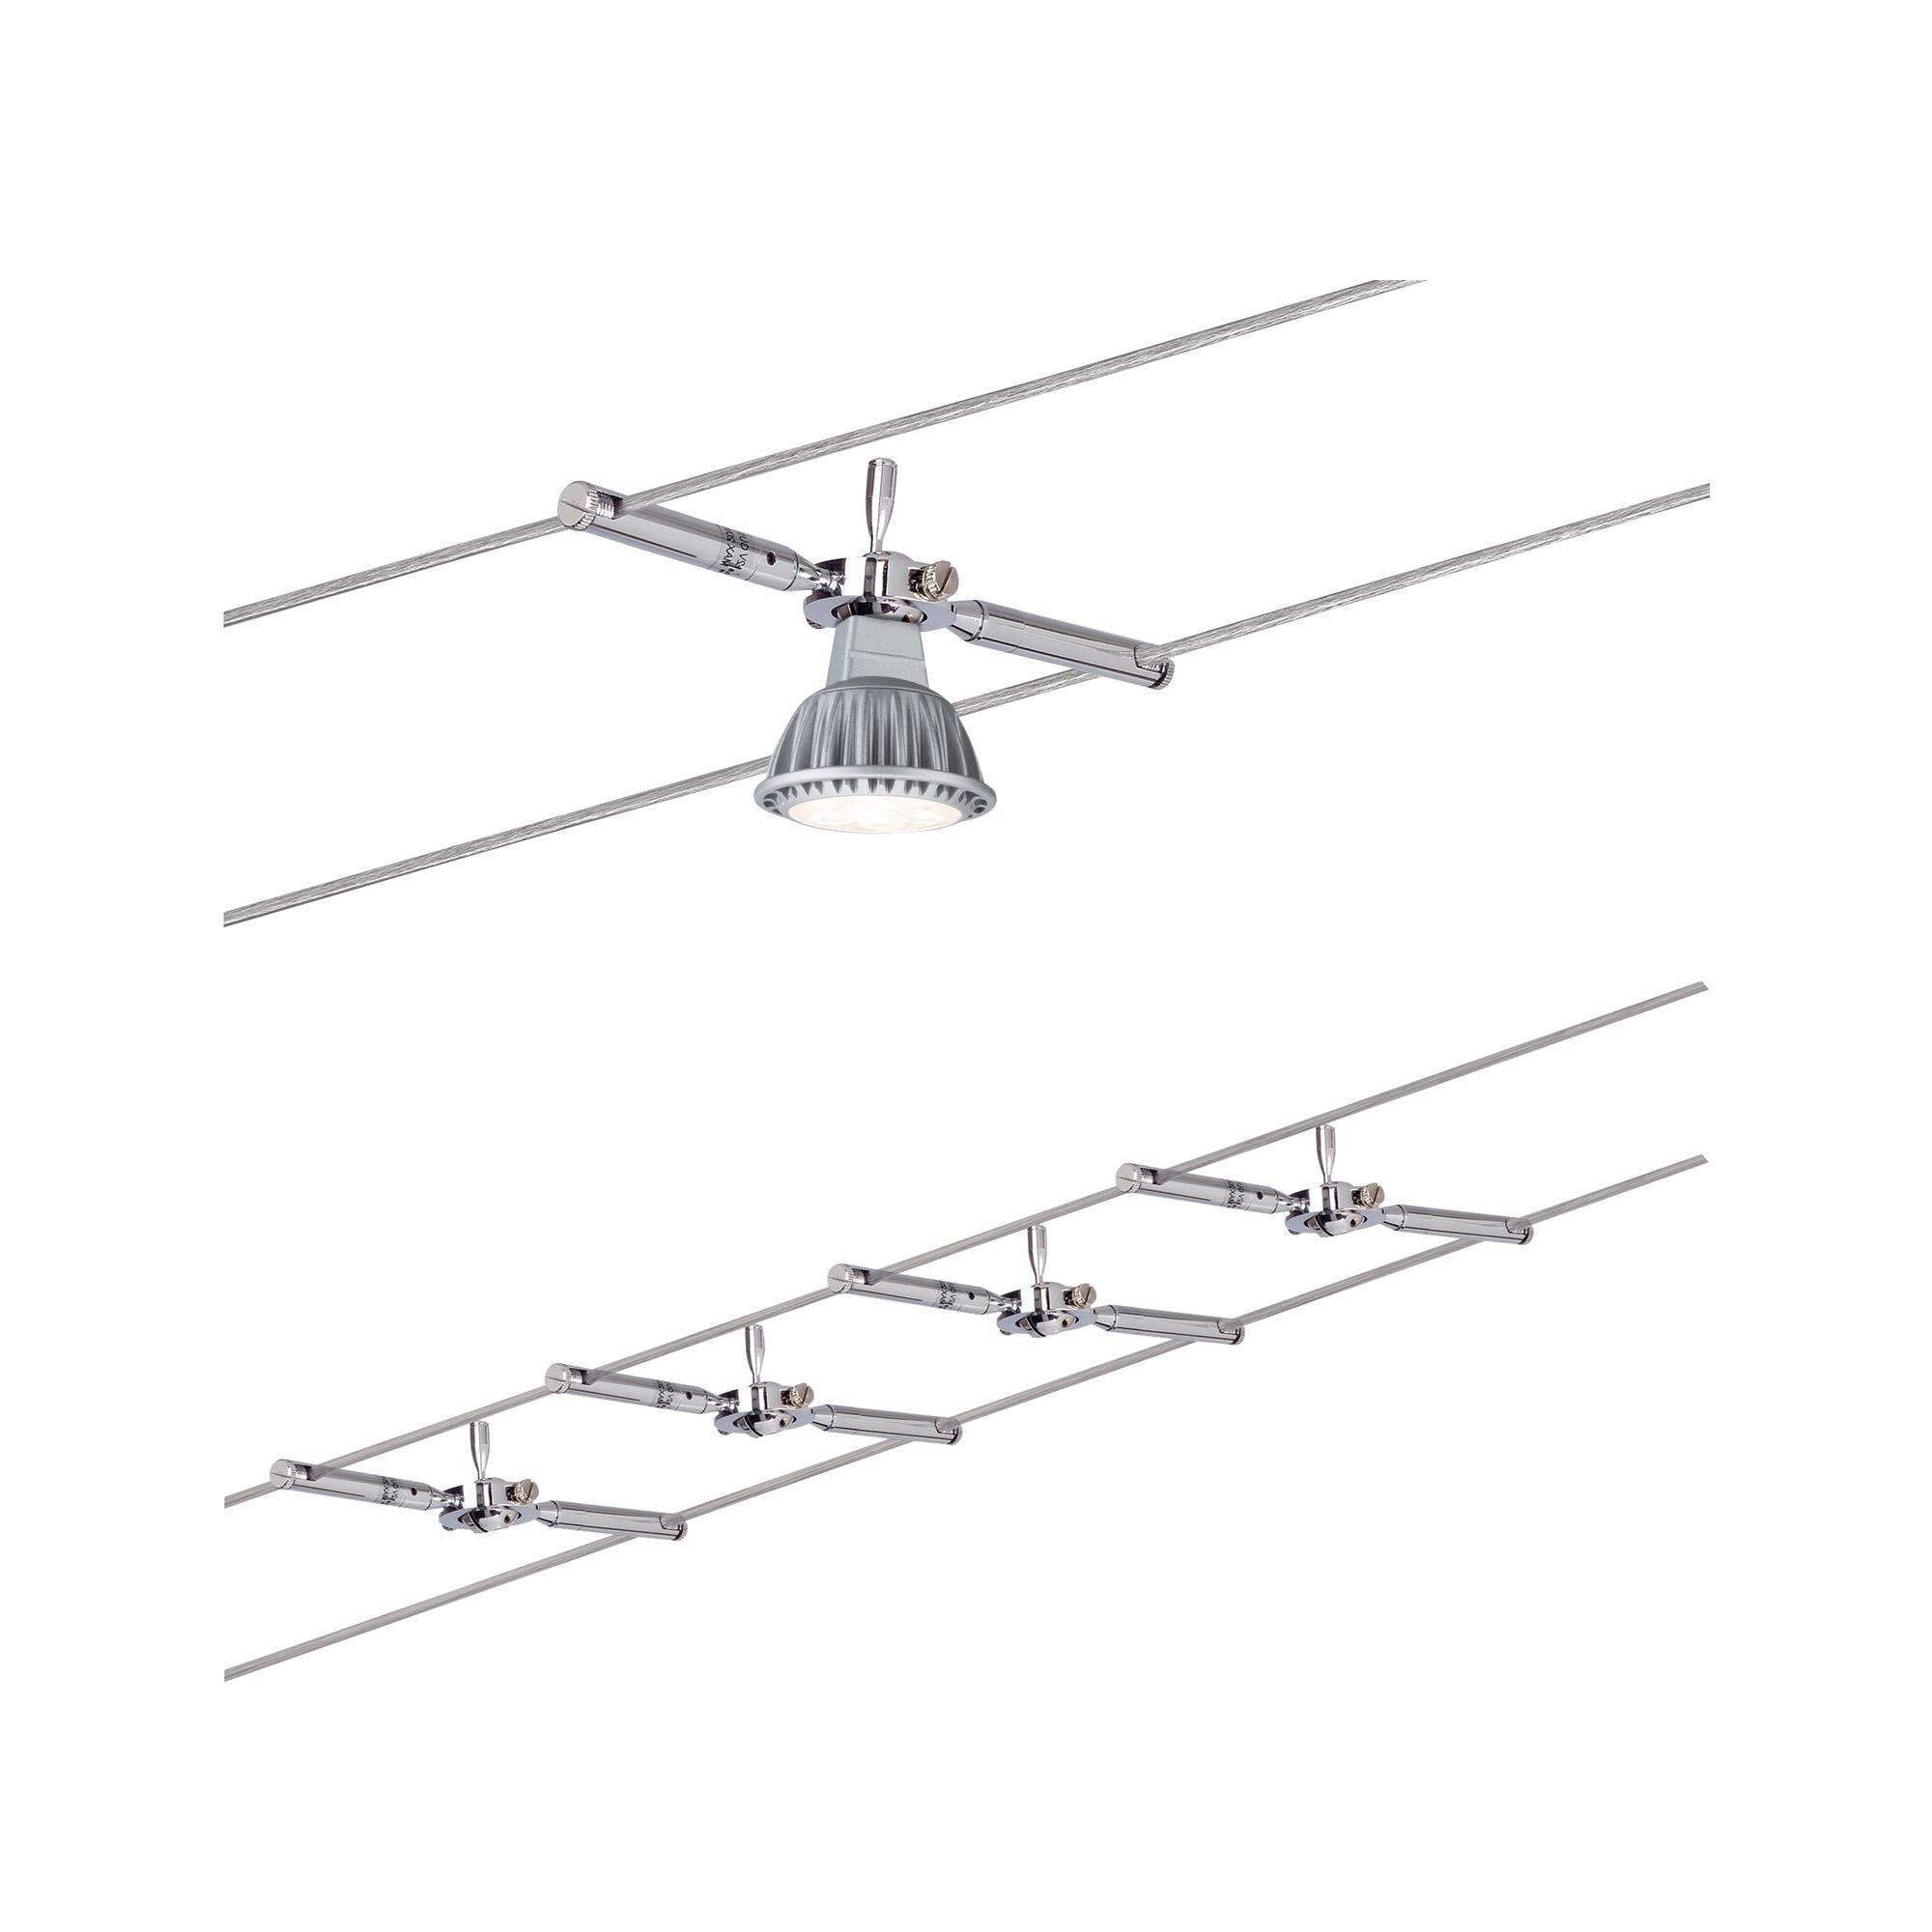 Paulmann LED Deckenleuchte Seilsystem Togo Chrom mit 4 Spots max. 10W GU5,3, GU 5,3, 1 St.